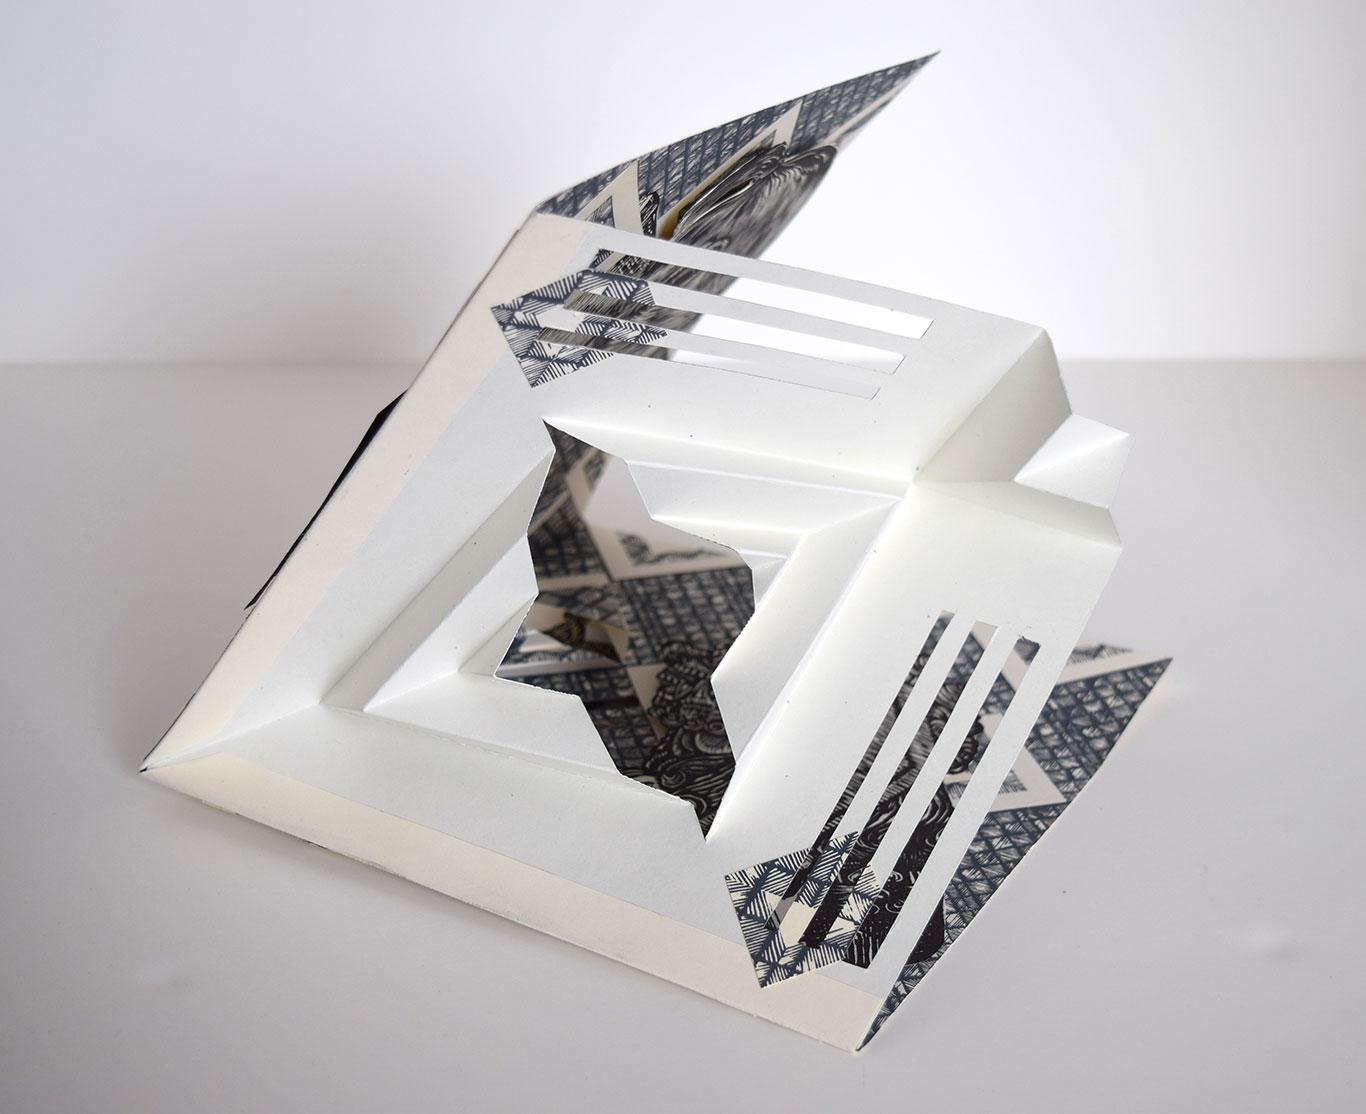 Handmade Artist's Book by Tatiana Potts